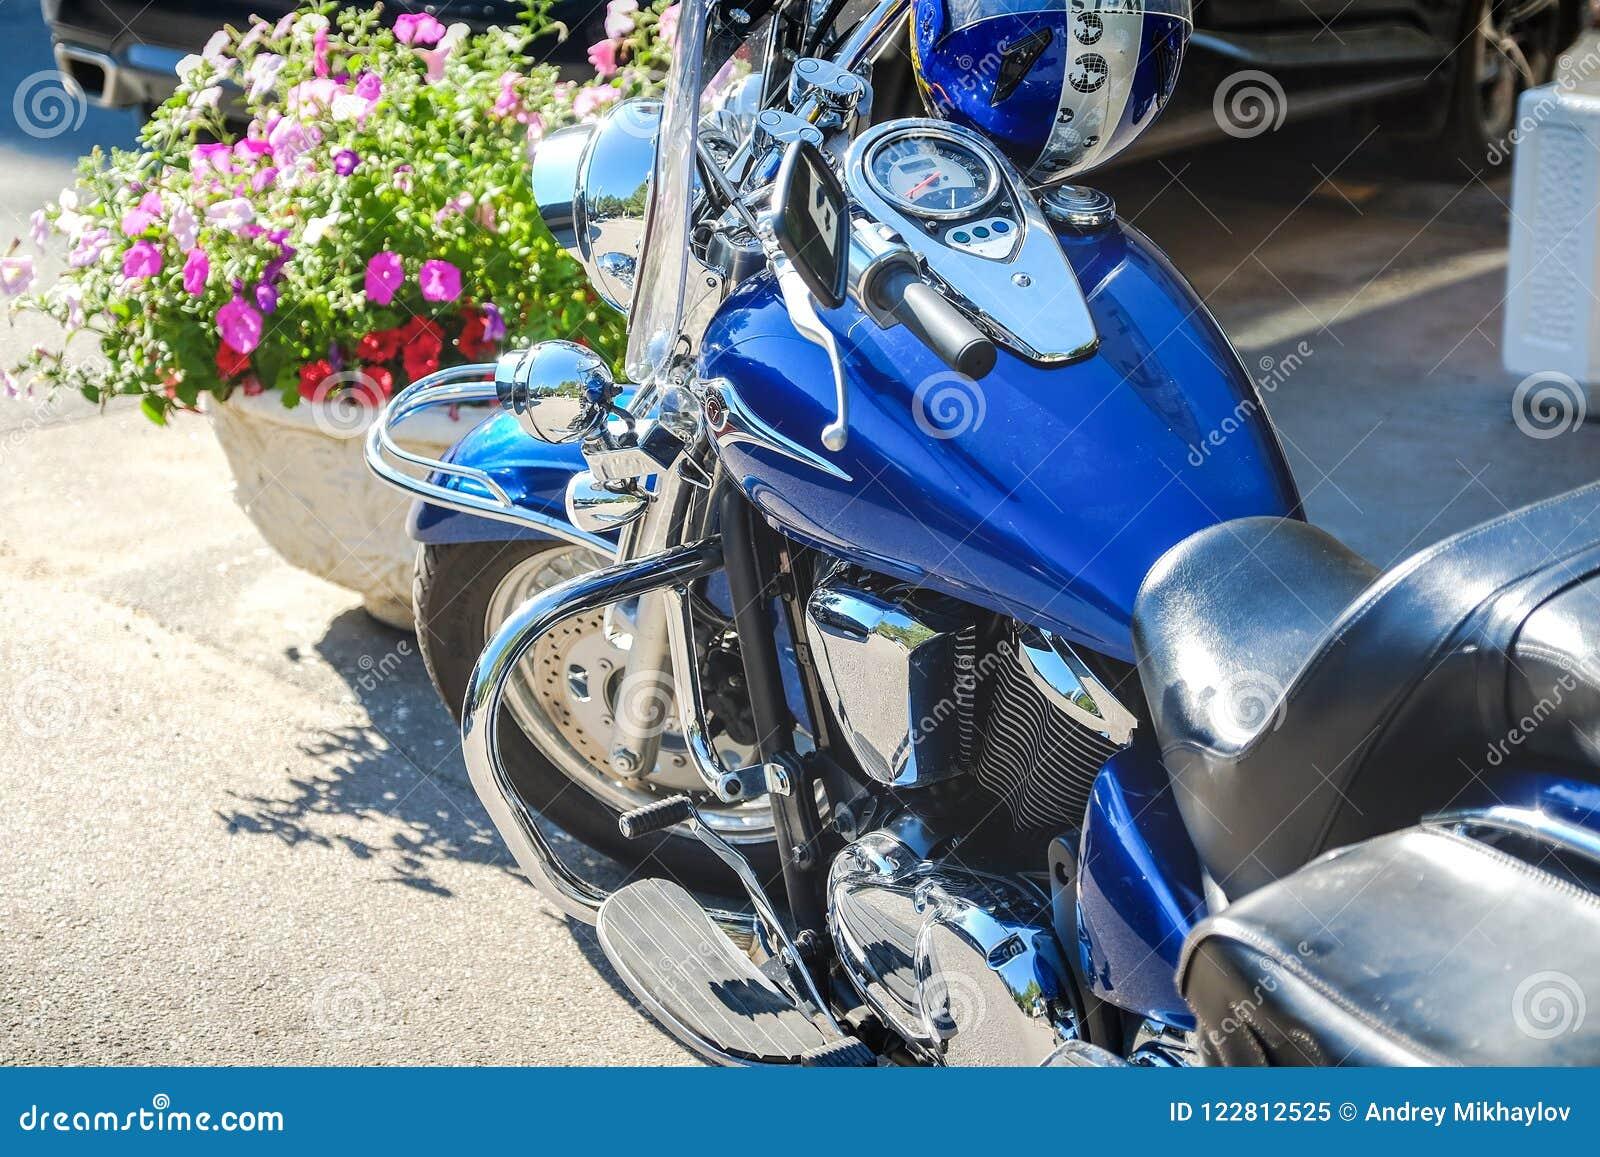 车手将爱 摩托车叉子、轮胎和前轮的射击的播种的射击 在摩托车的圆盘制动器系统 释放